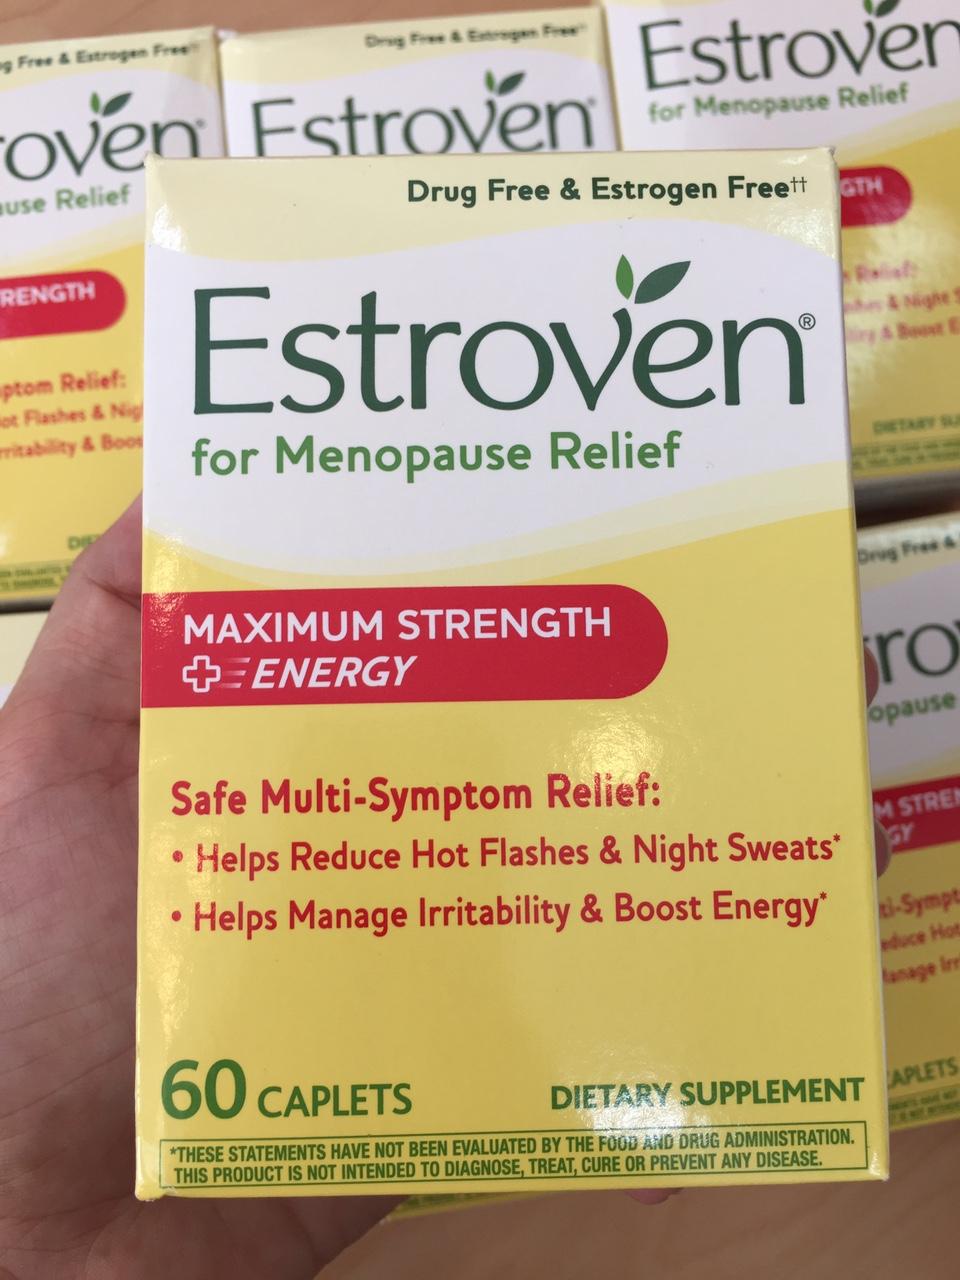 Viên uống cân bằng nội tiết cho phụ nữ Estroven Maximum strength hộp 60 viên của Mỹ